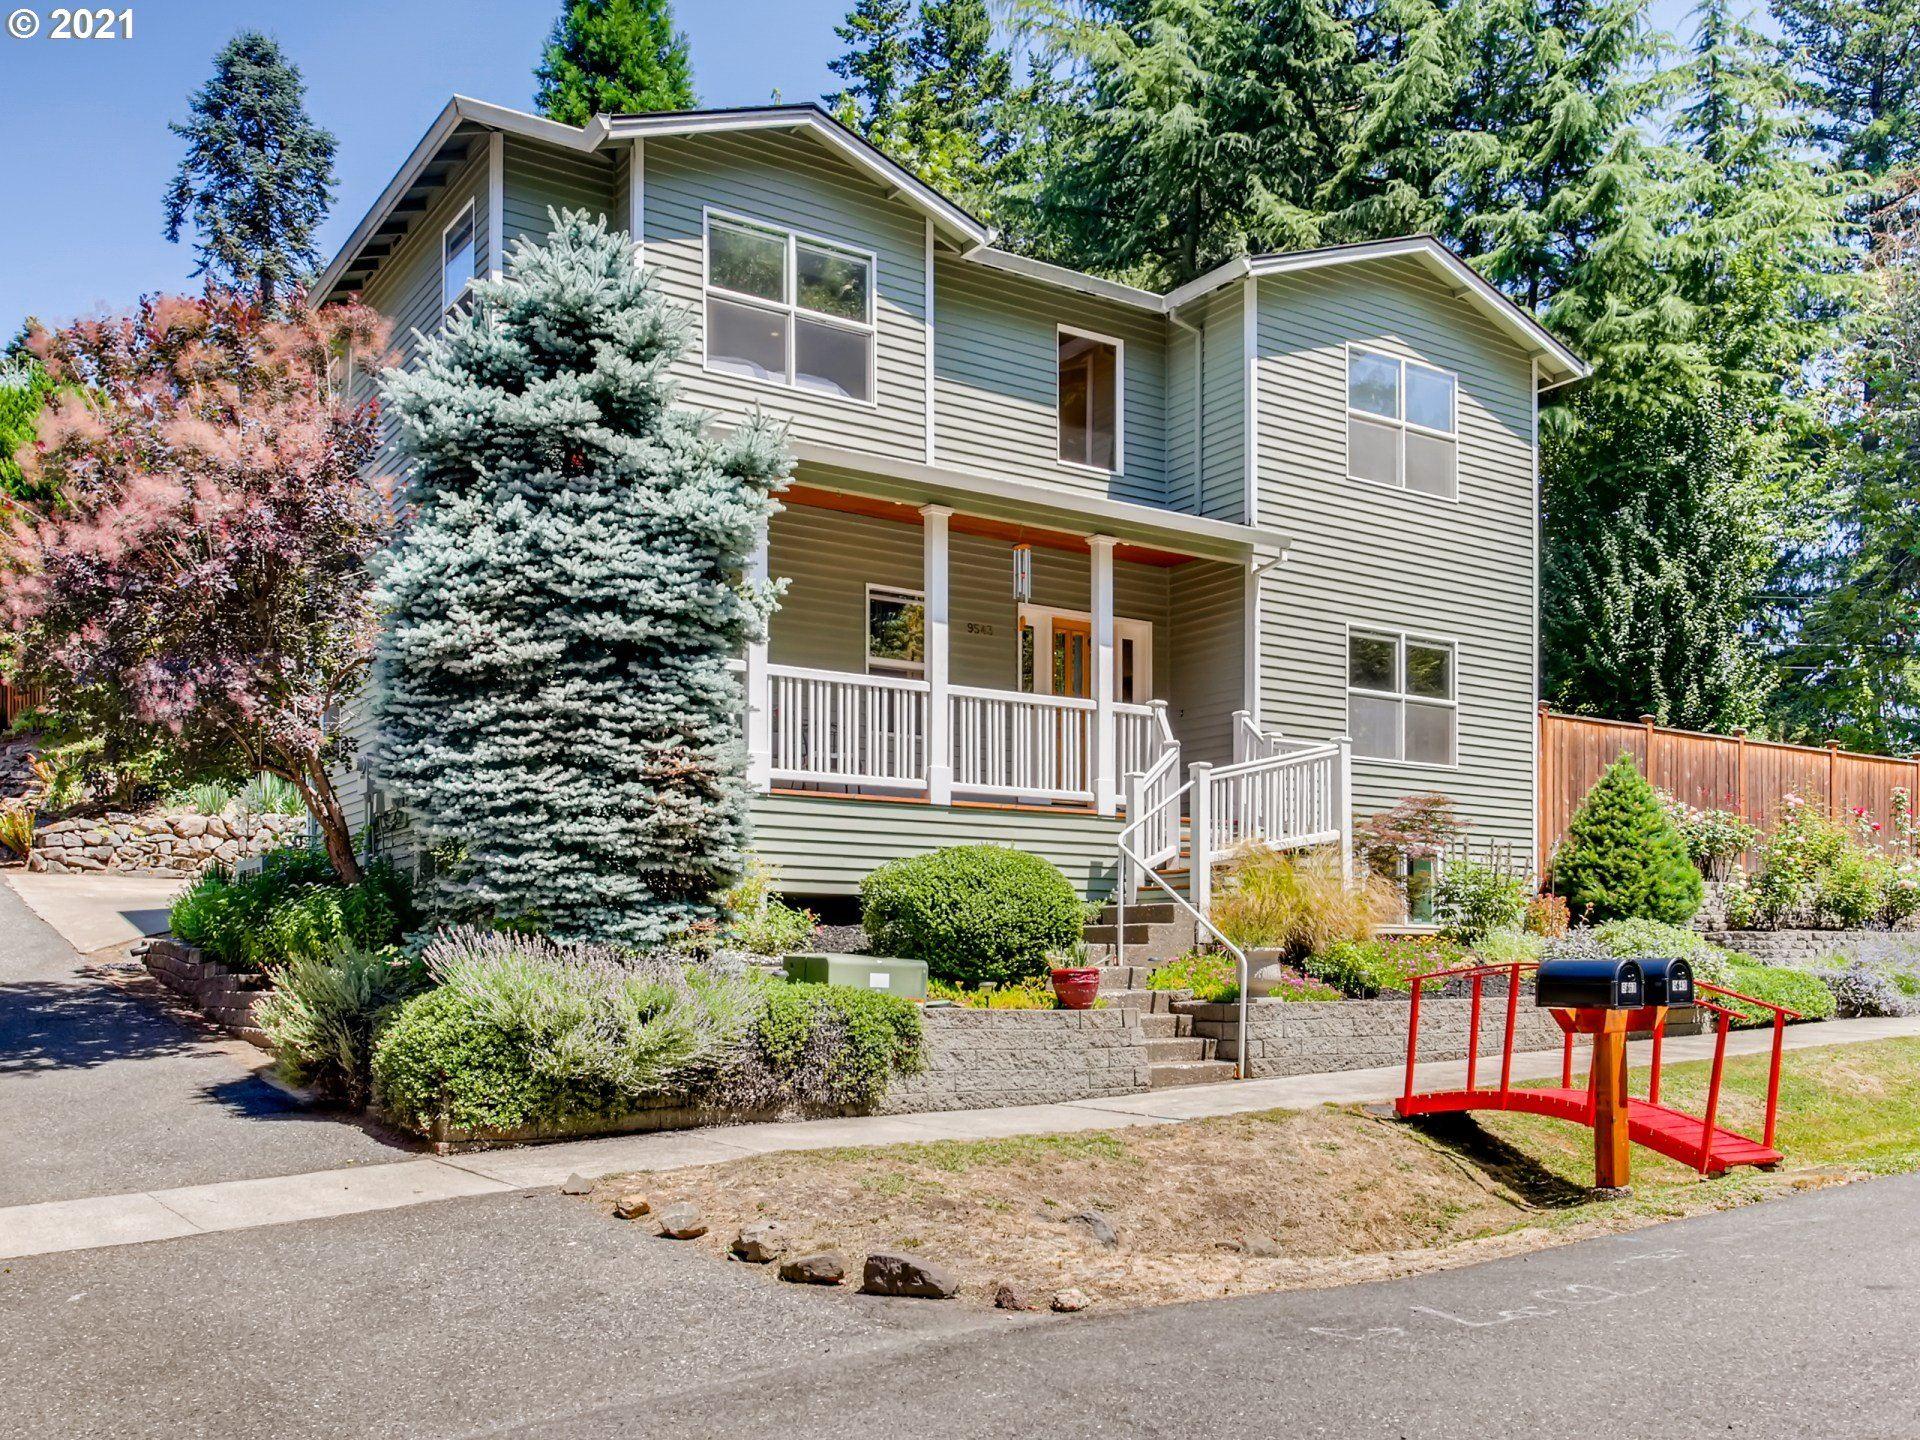 9543 SW SPRING CREST DR, Portland, OR 97225 - MLS#: 21050659